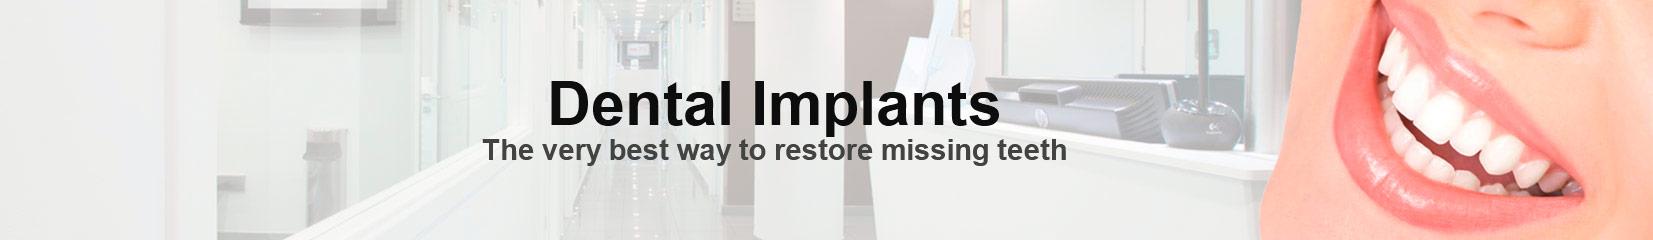 dental-implants-restore-missing-teeth